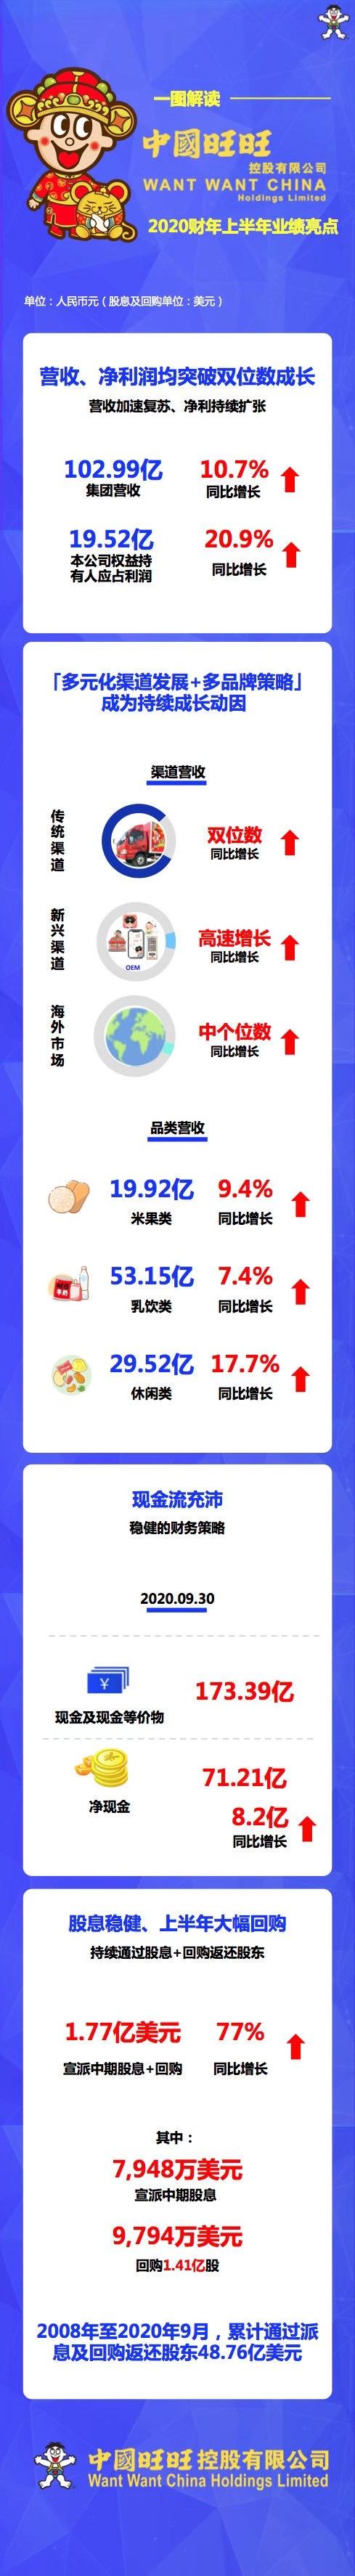 旺旺控股发布上半年财报:净利润19.5亿增长20.9%